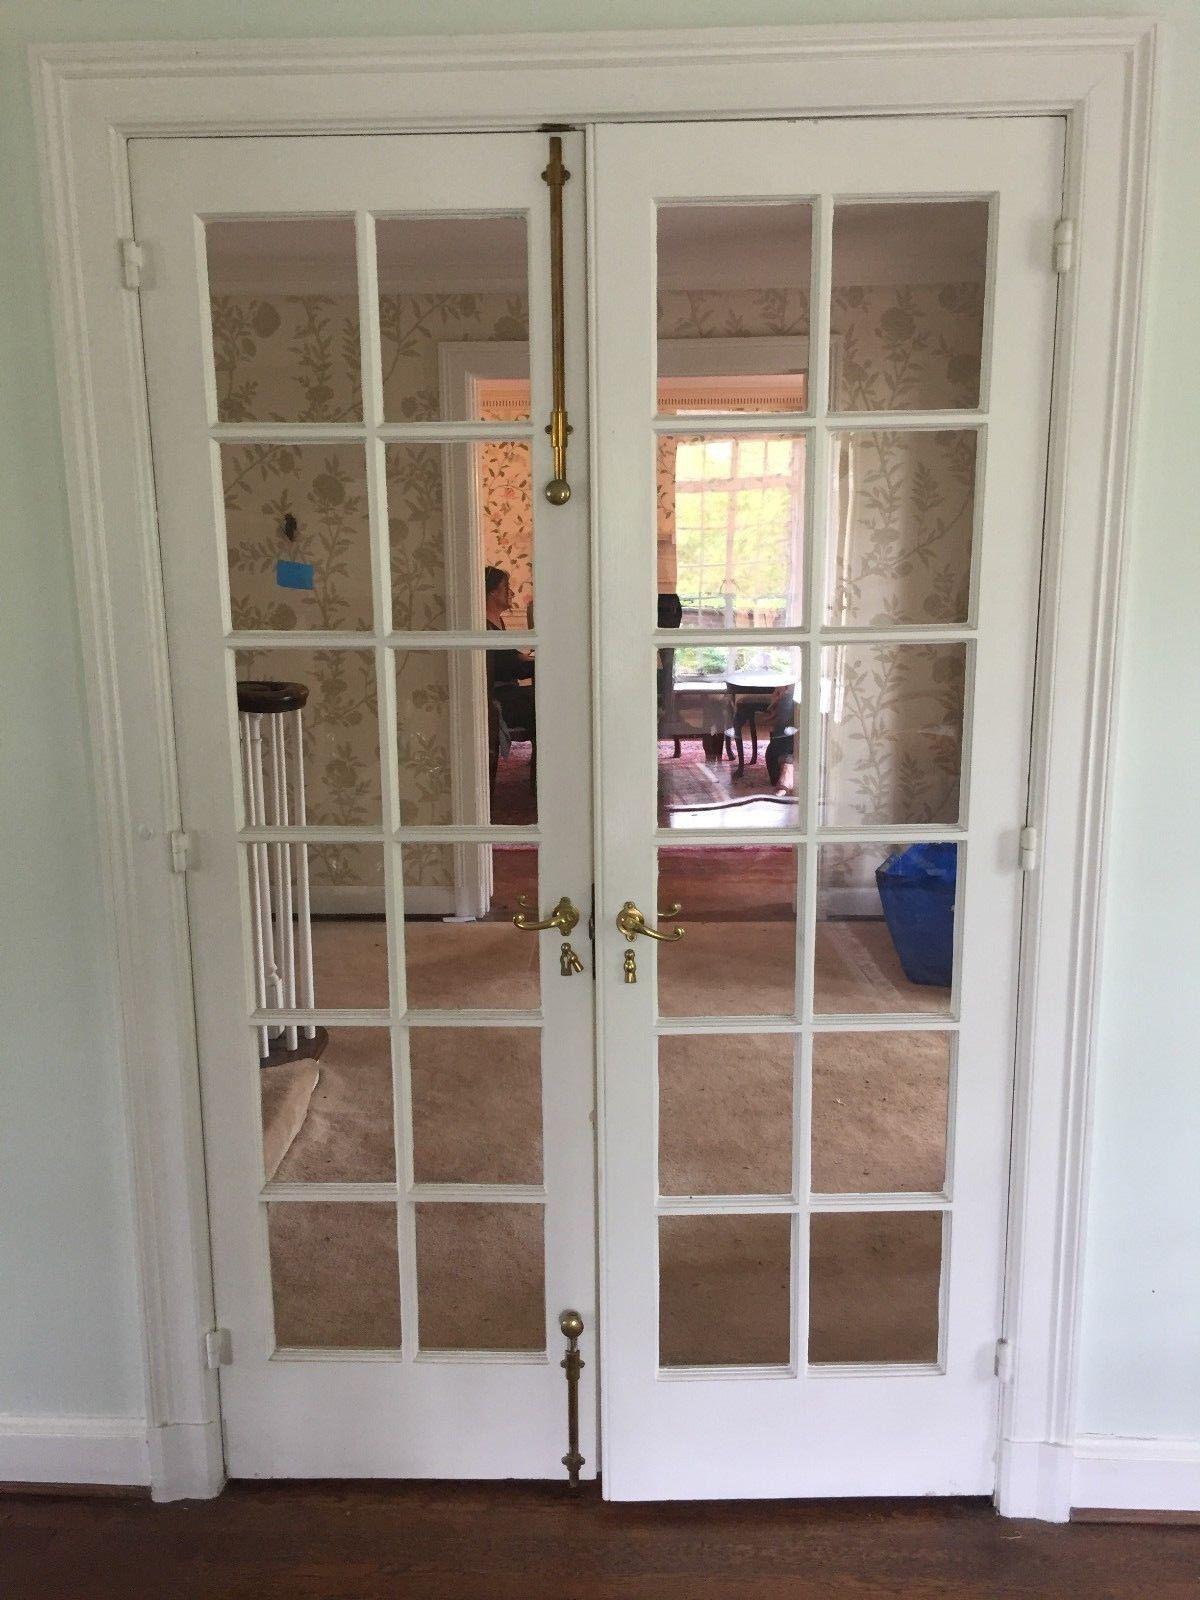 1928 Brass French Door Hardware Russwin Door Slide Locks Handles Cremone Bolts Ebay French Doors Interior Cremone Bolt French Doors